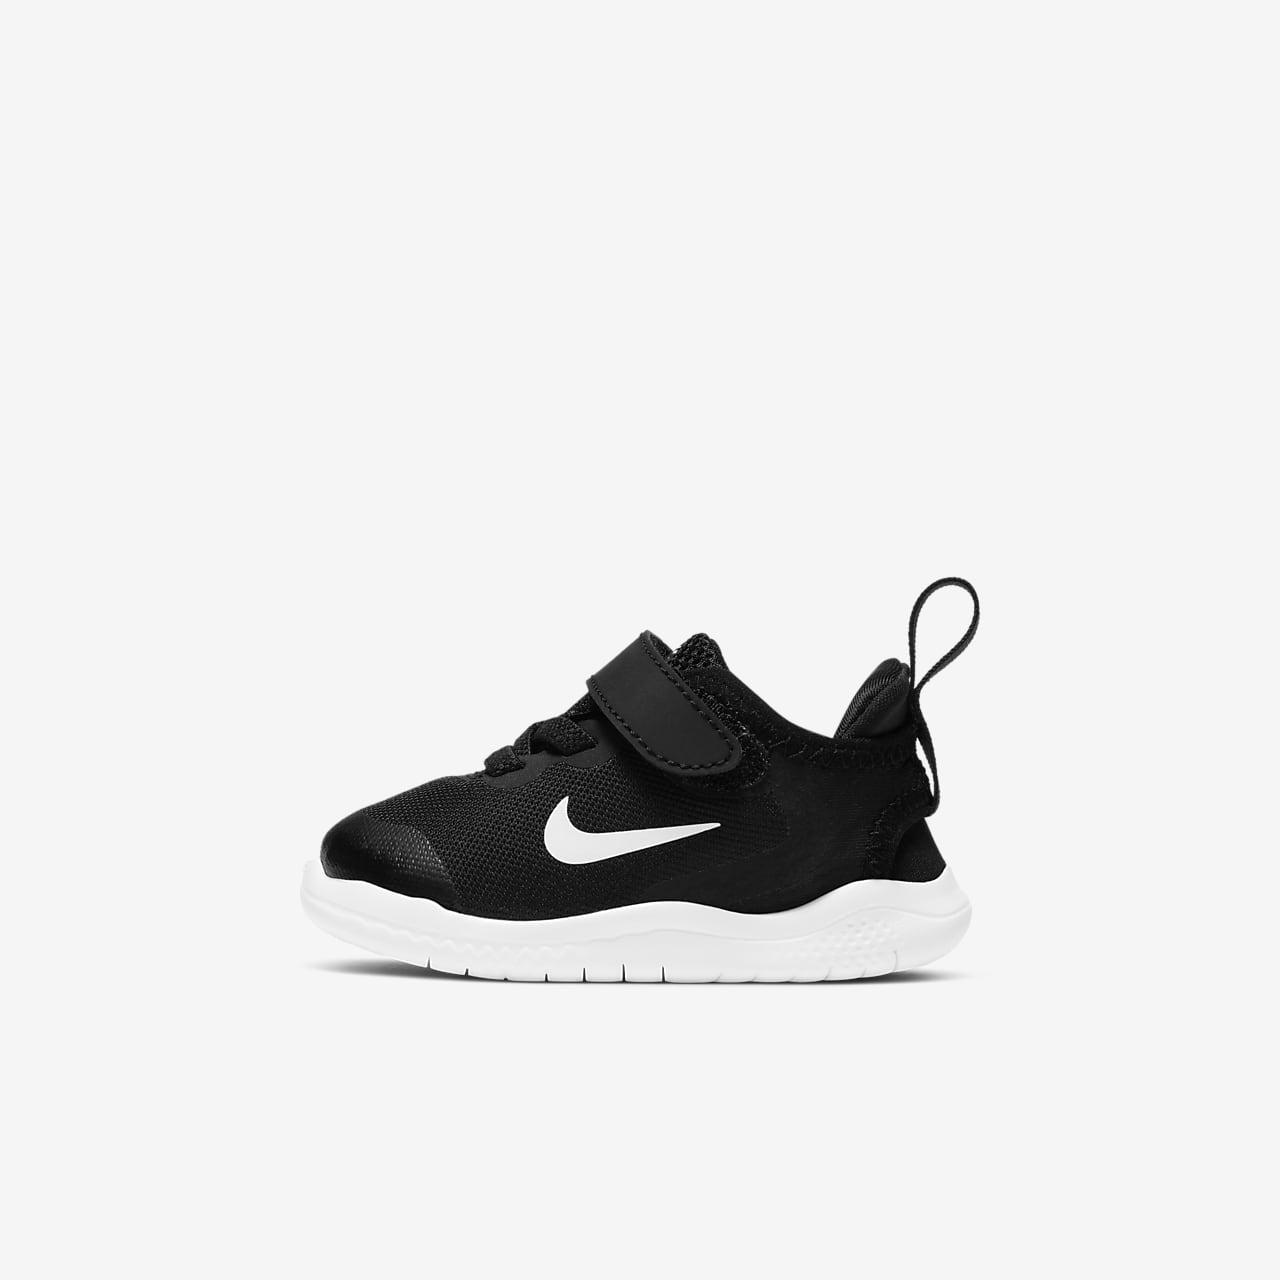 d2cd80179eb71 Chaussure Nike Free RN 2018 pour Bébé Petit enfant. Nike.com FR